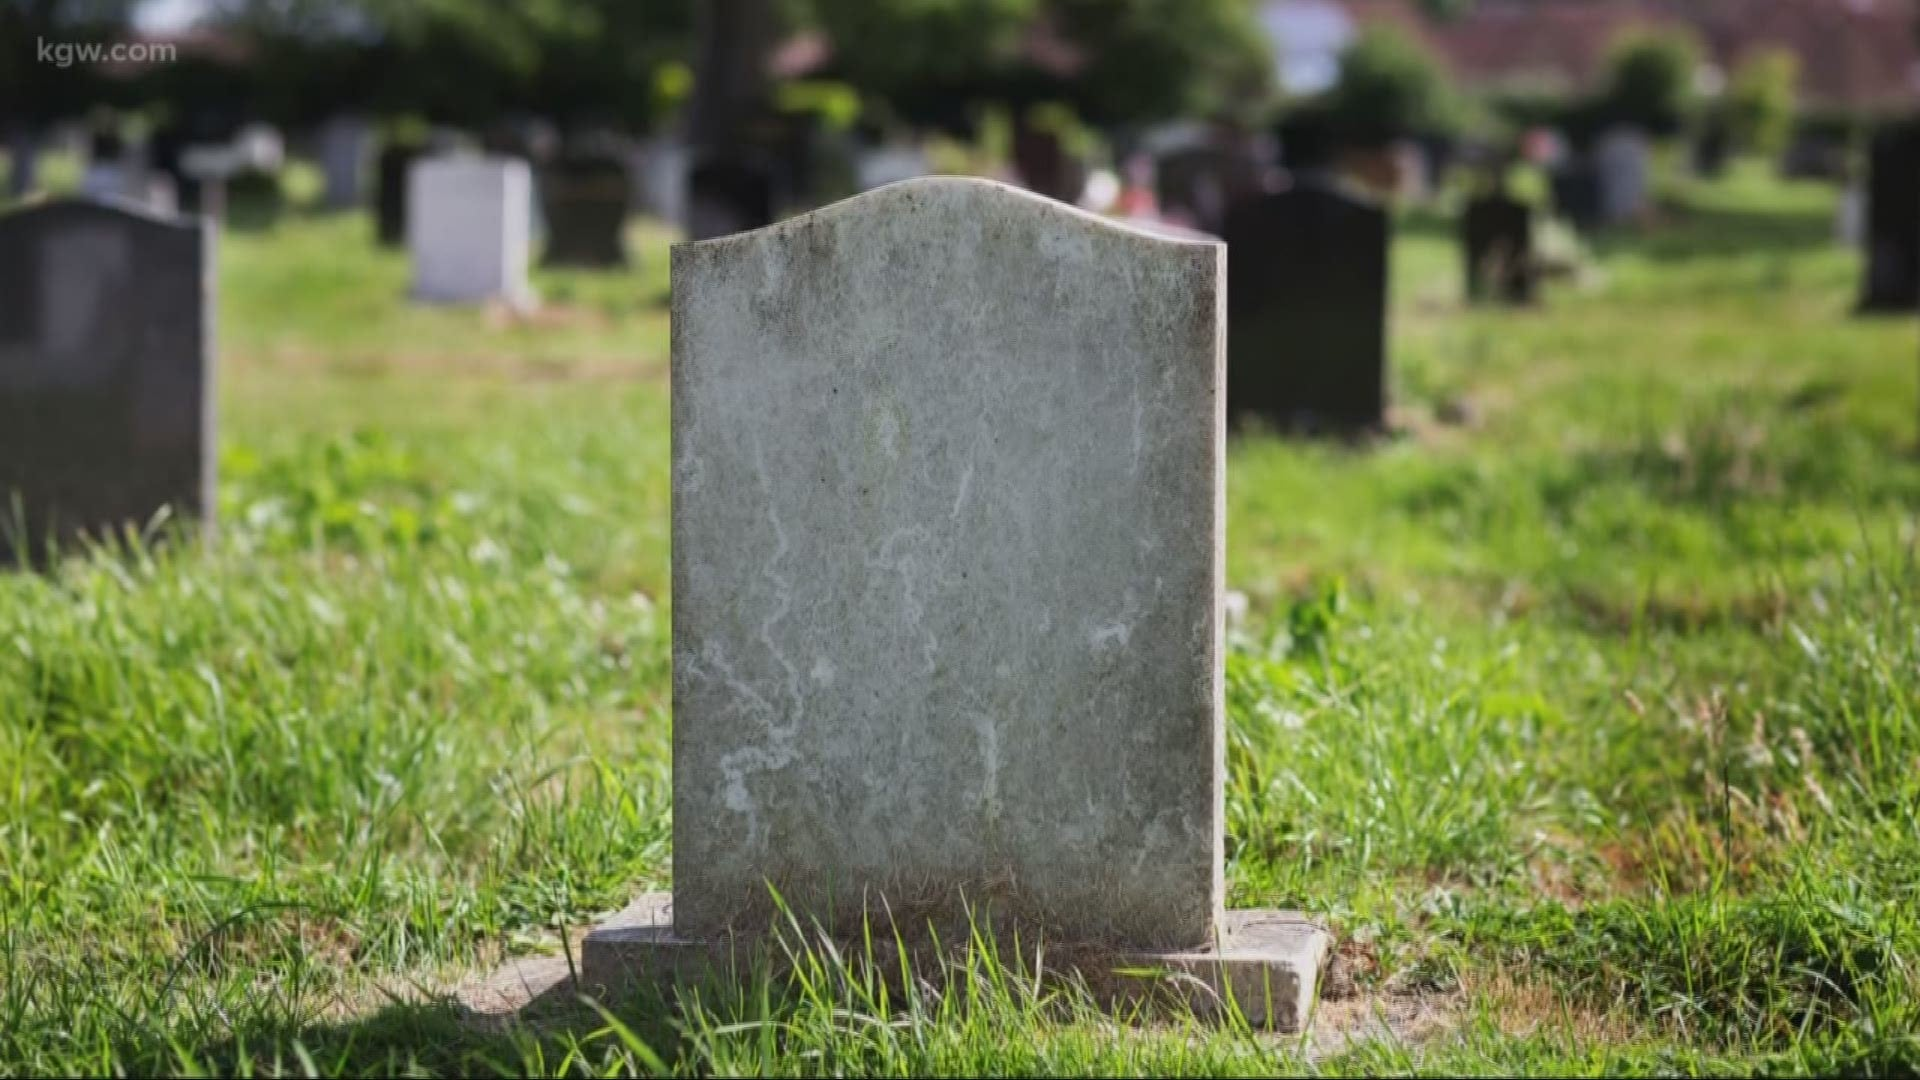 انتحار مراهقة تعرضت لاغتصاب جماعي في مقبرة في بلجيكا